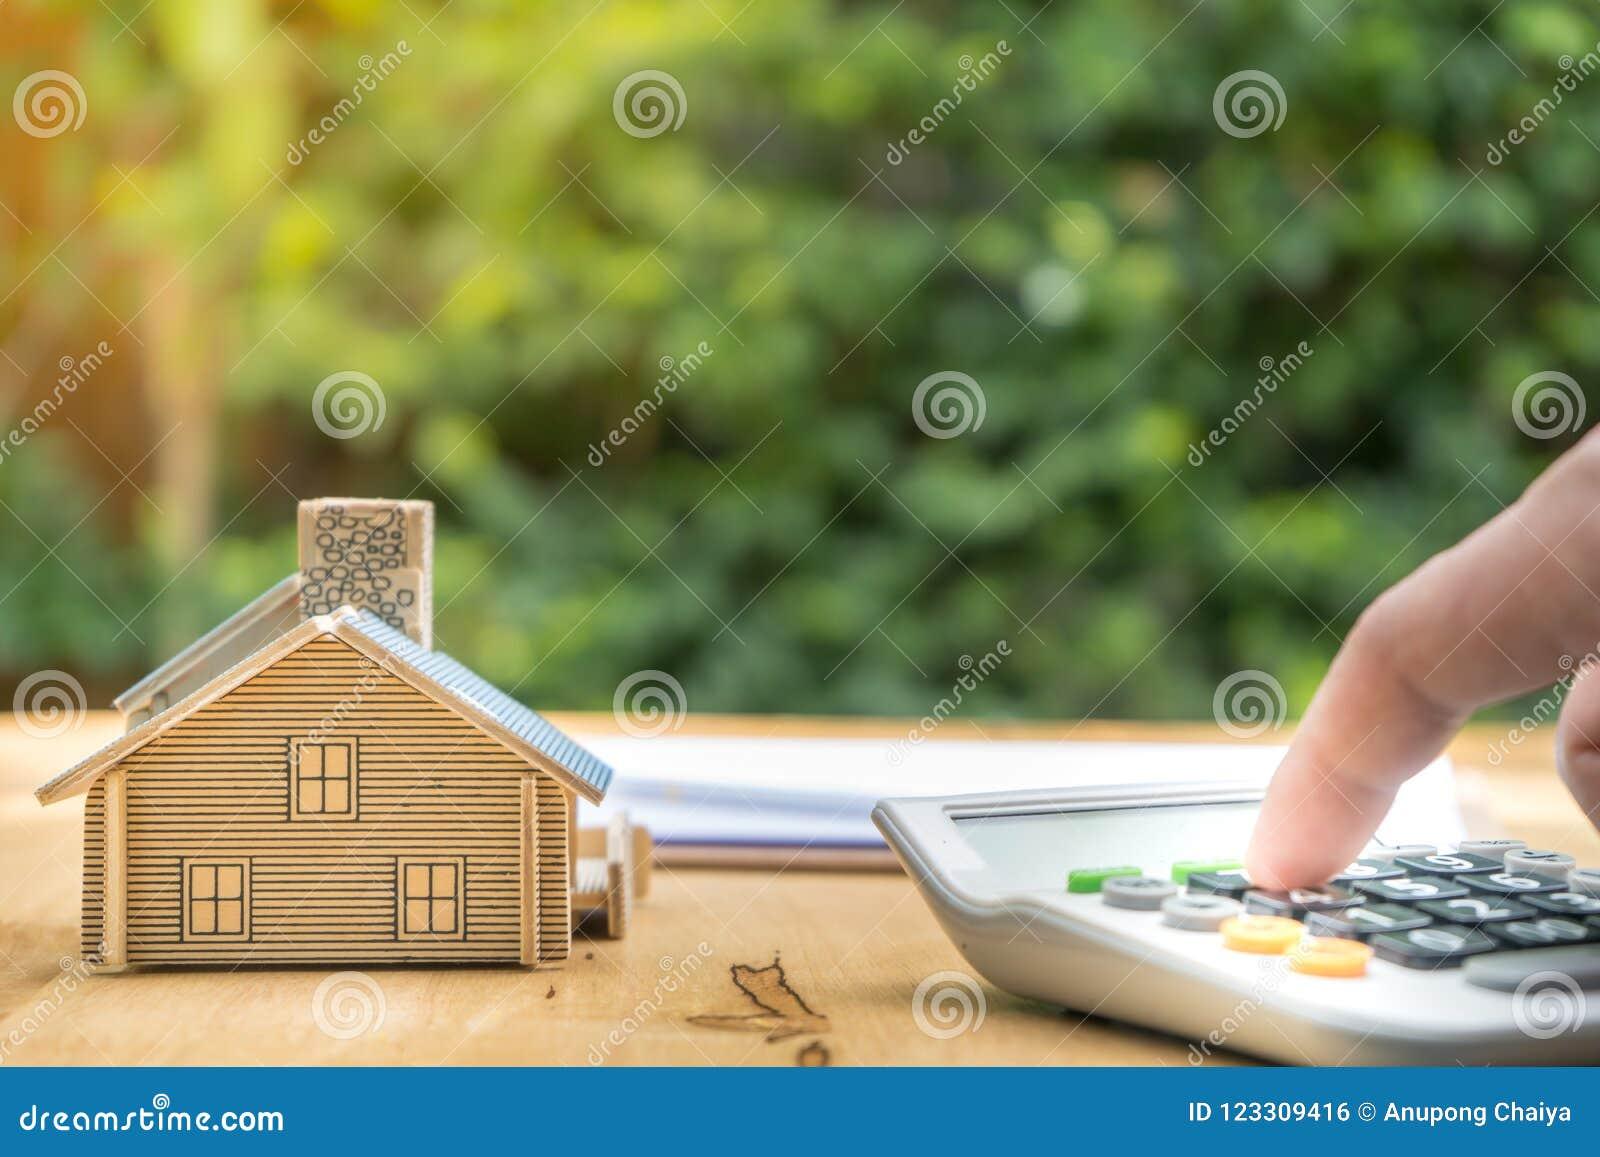 Biznes Podpisuje Kontraktacyjnego zakup - sprzedaje dom